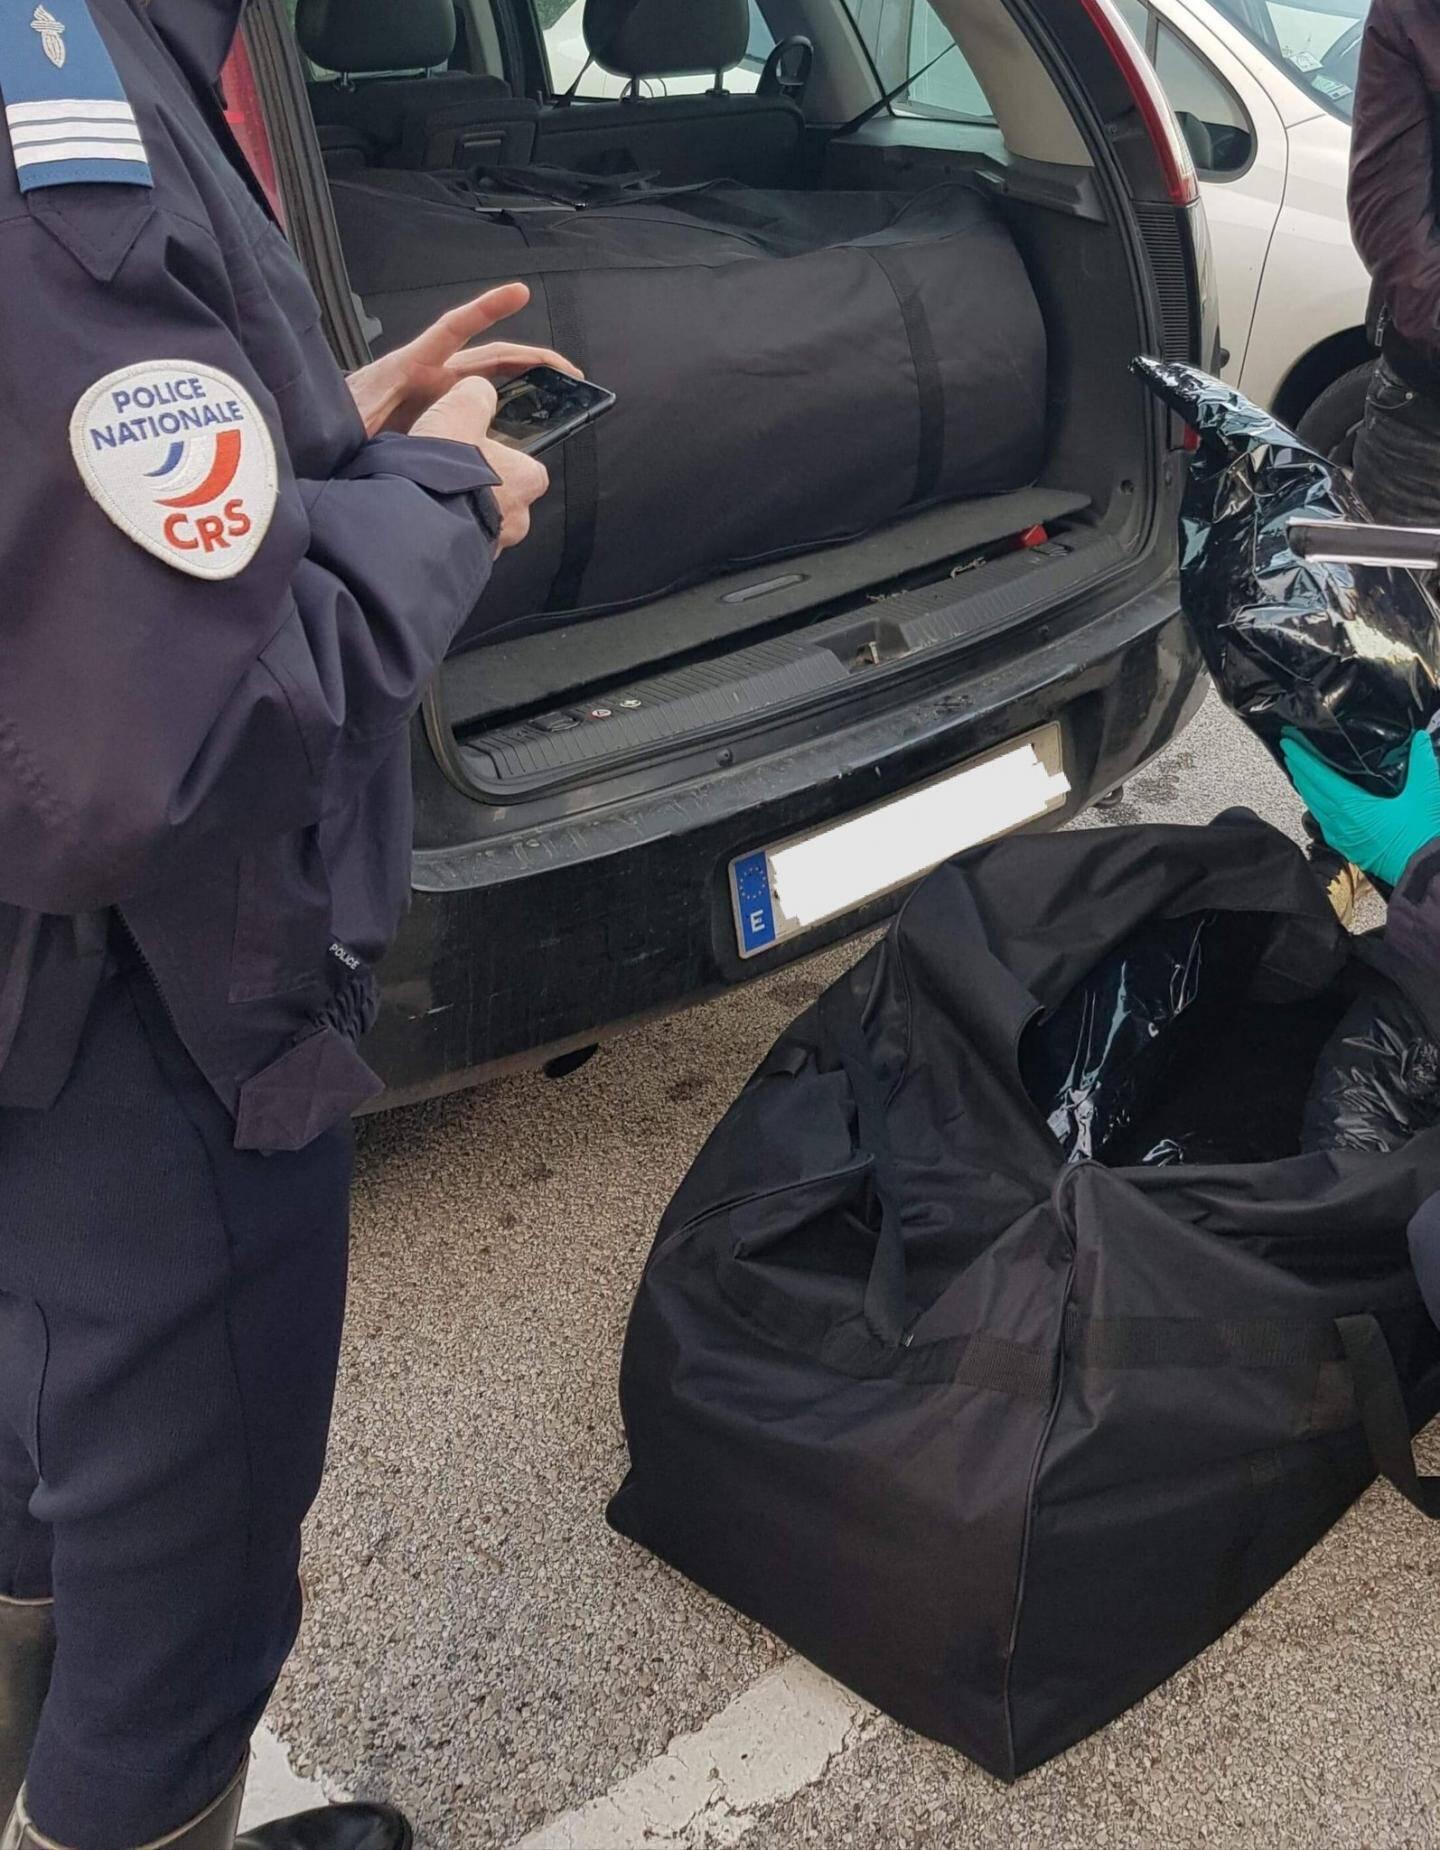 Les CRS ont repéré les sacs de sport dans ce véhicule suspect.